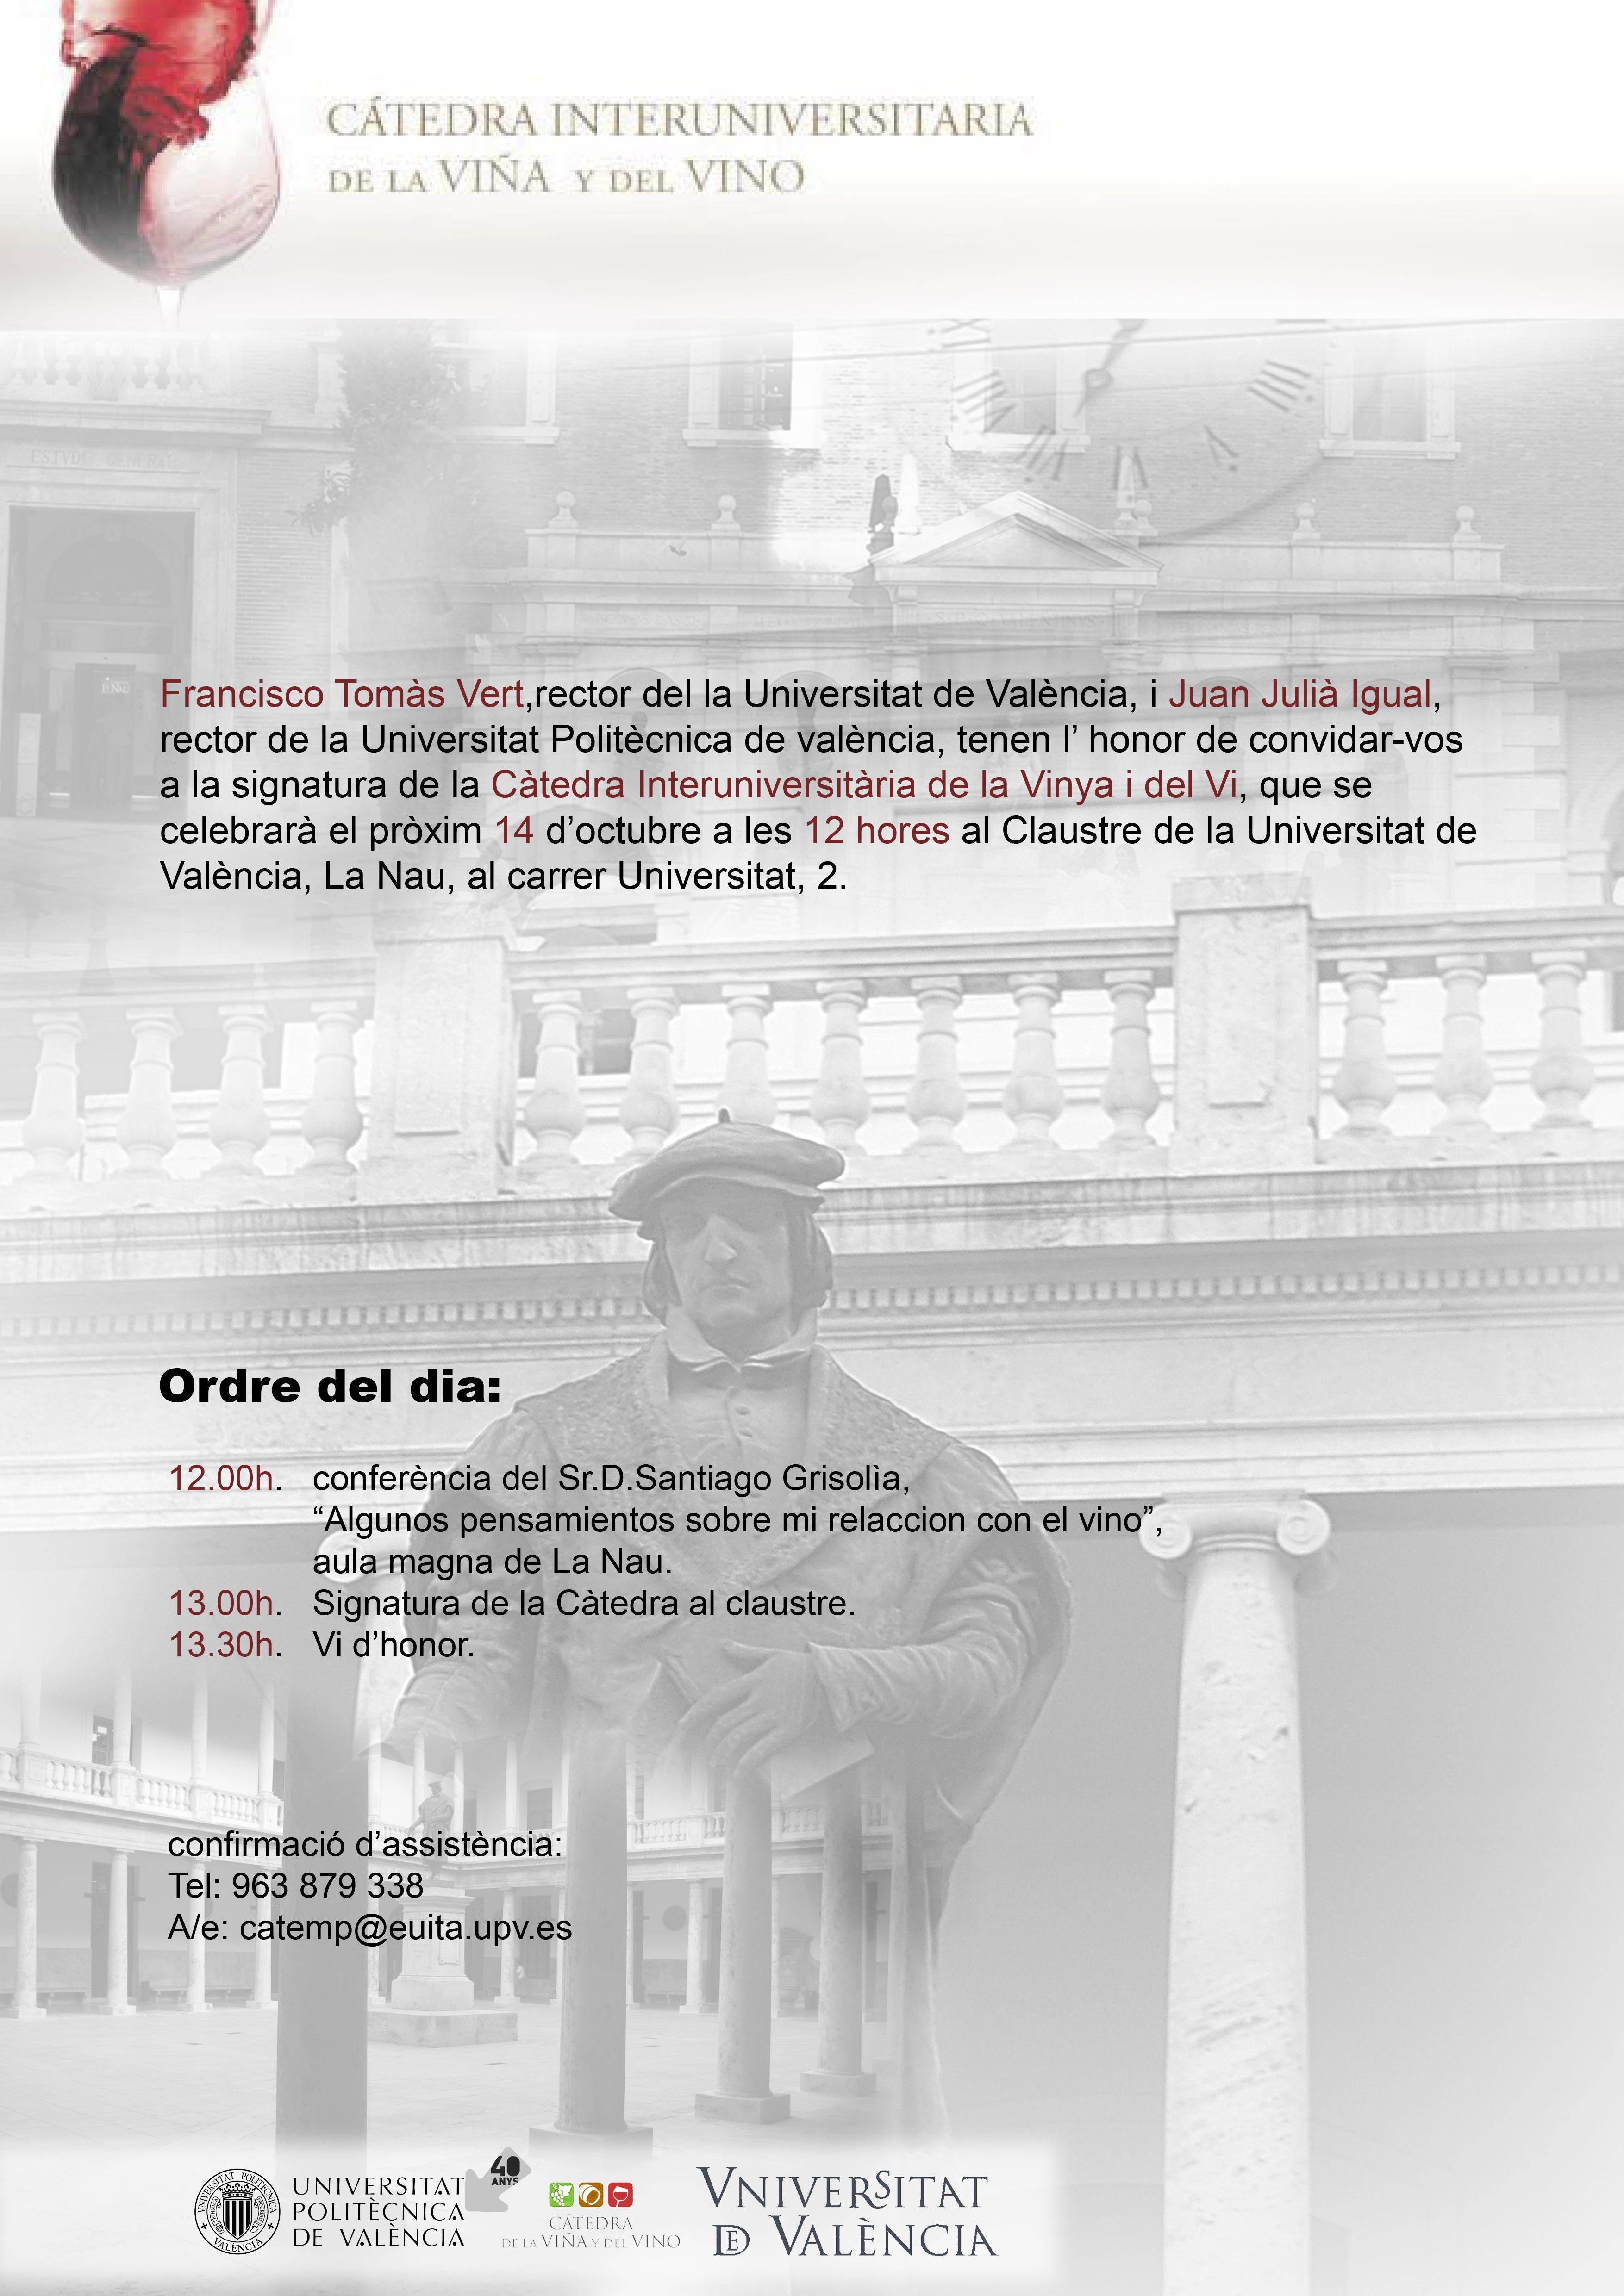 invitaciones de confirmacion - group picture, image by tag